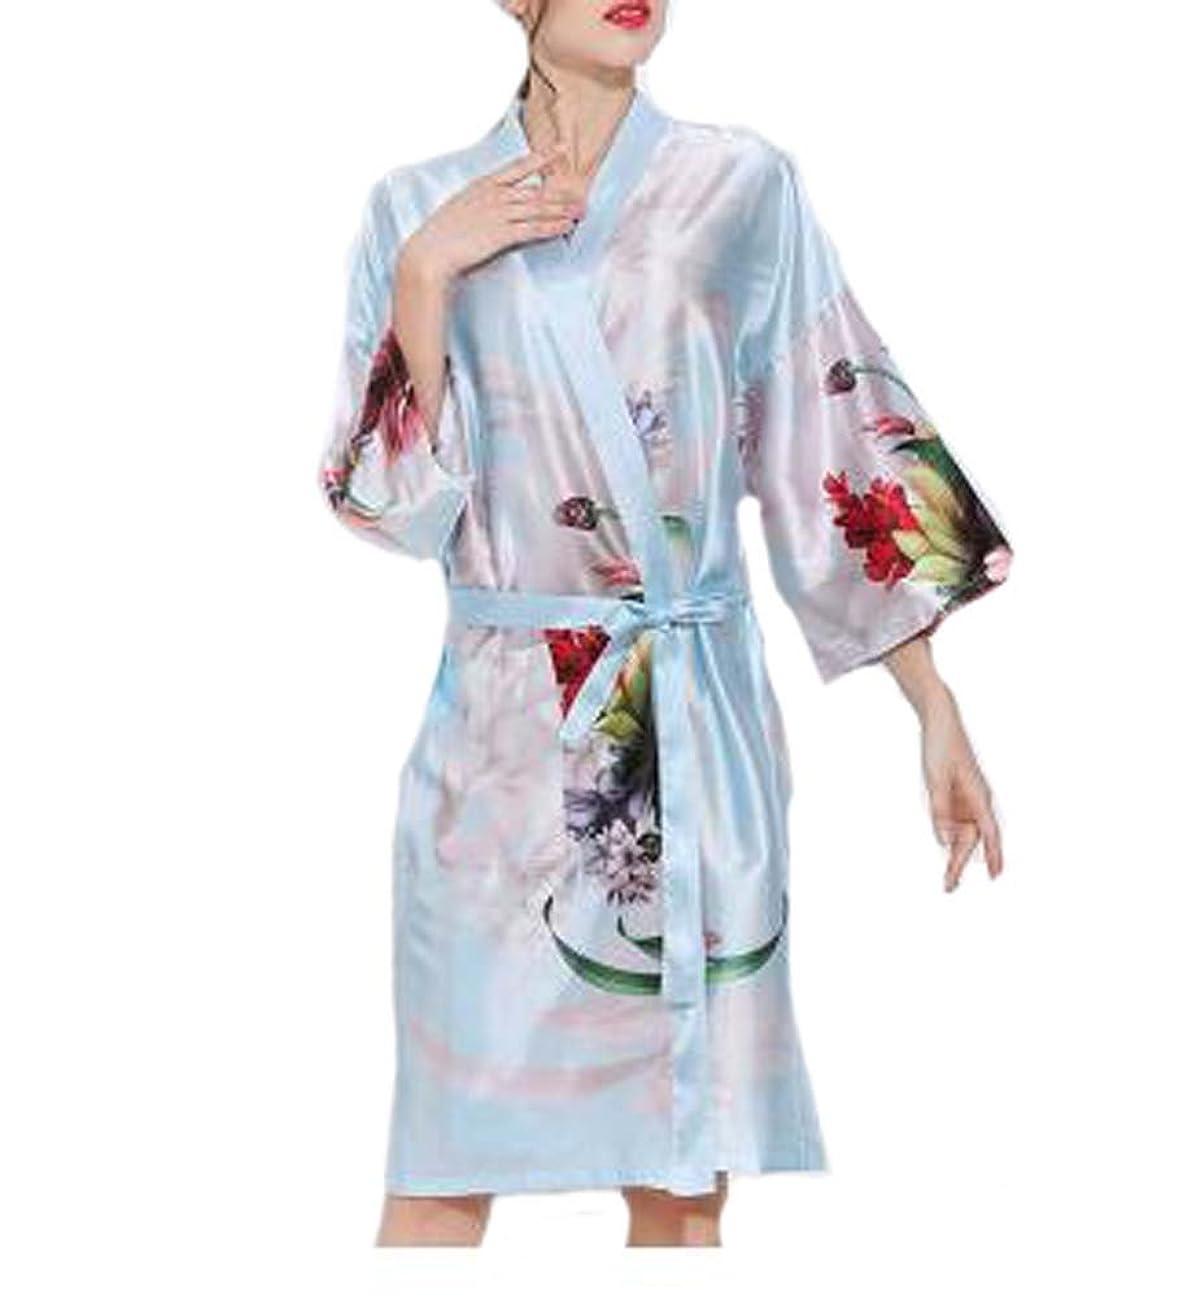 はっきりしない思い出させるリッチレトロスタイルの美容院の花嫁衣装のドレス、顧客のための美しいガウン、青